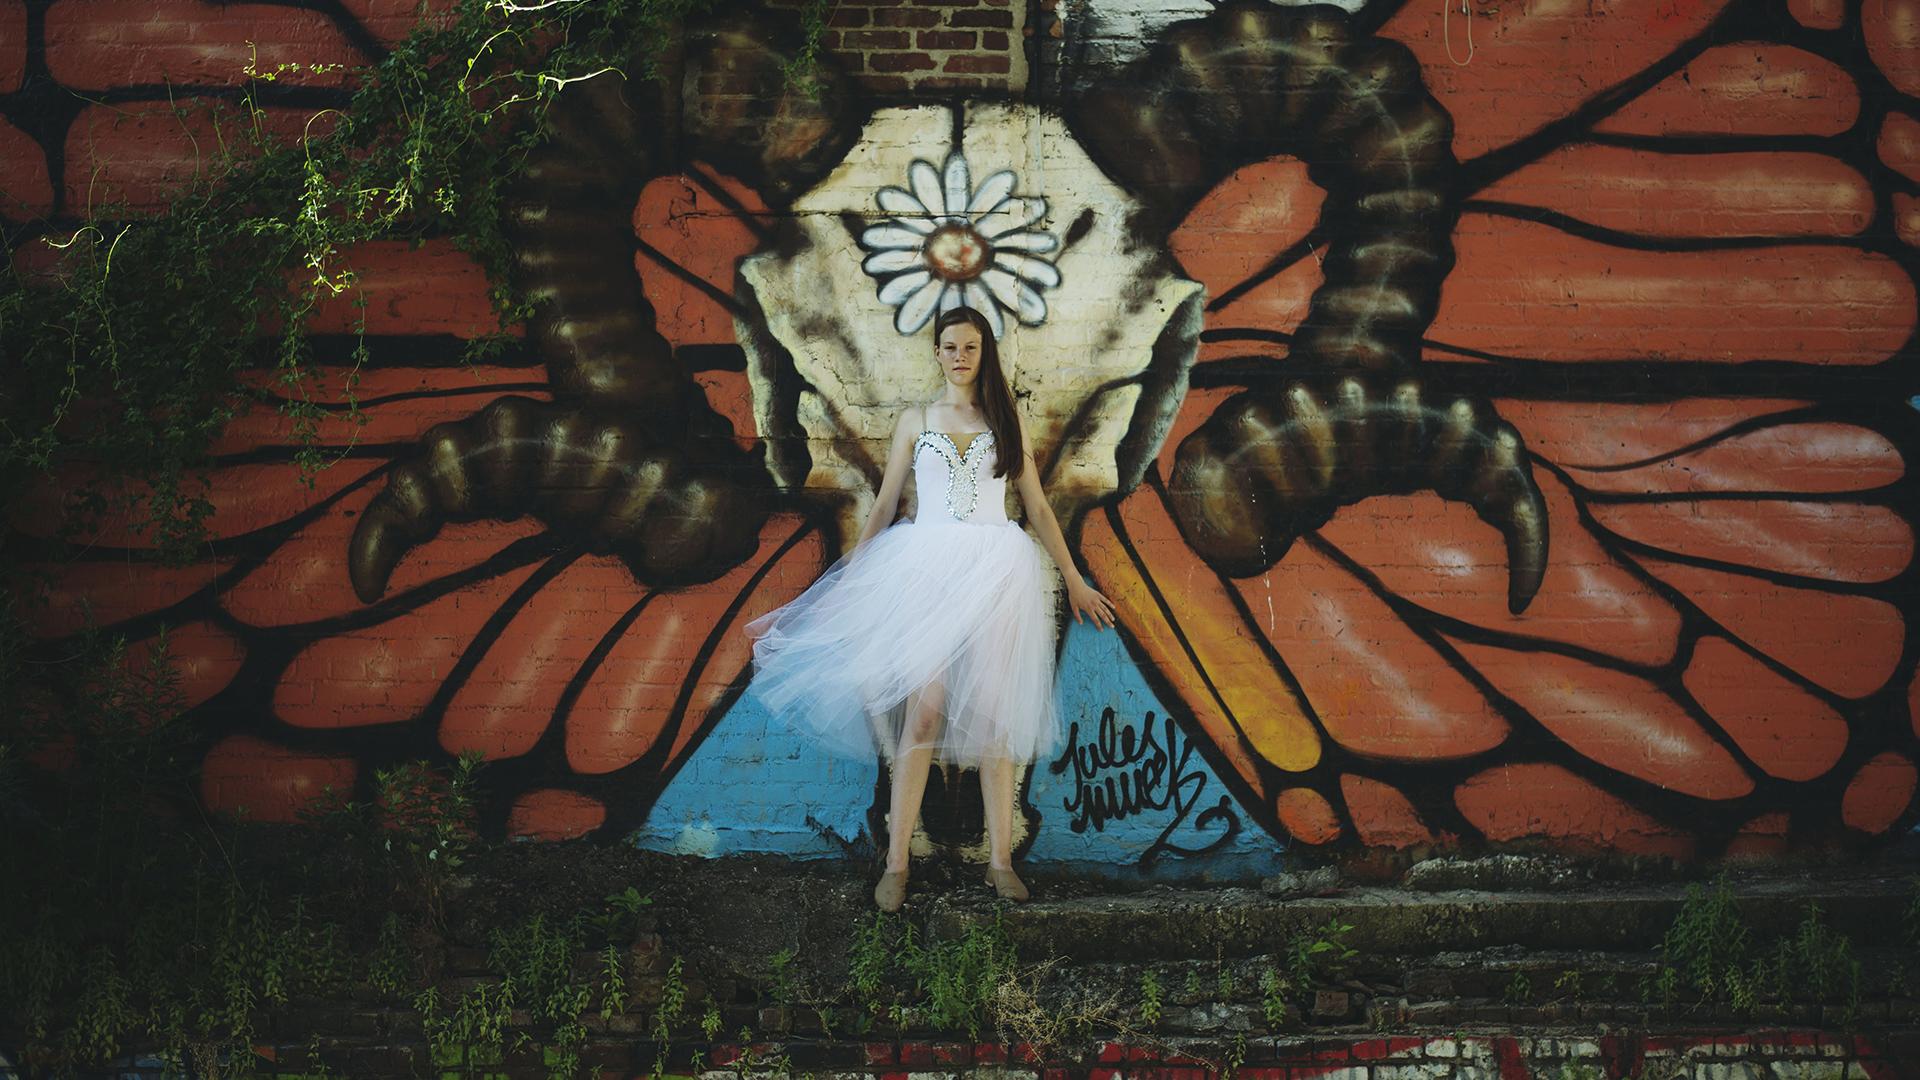 Peerspace series: 'Taking Flight' by Gina Vasquez